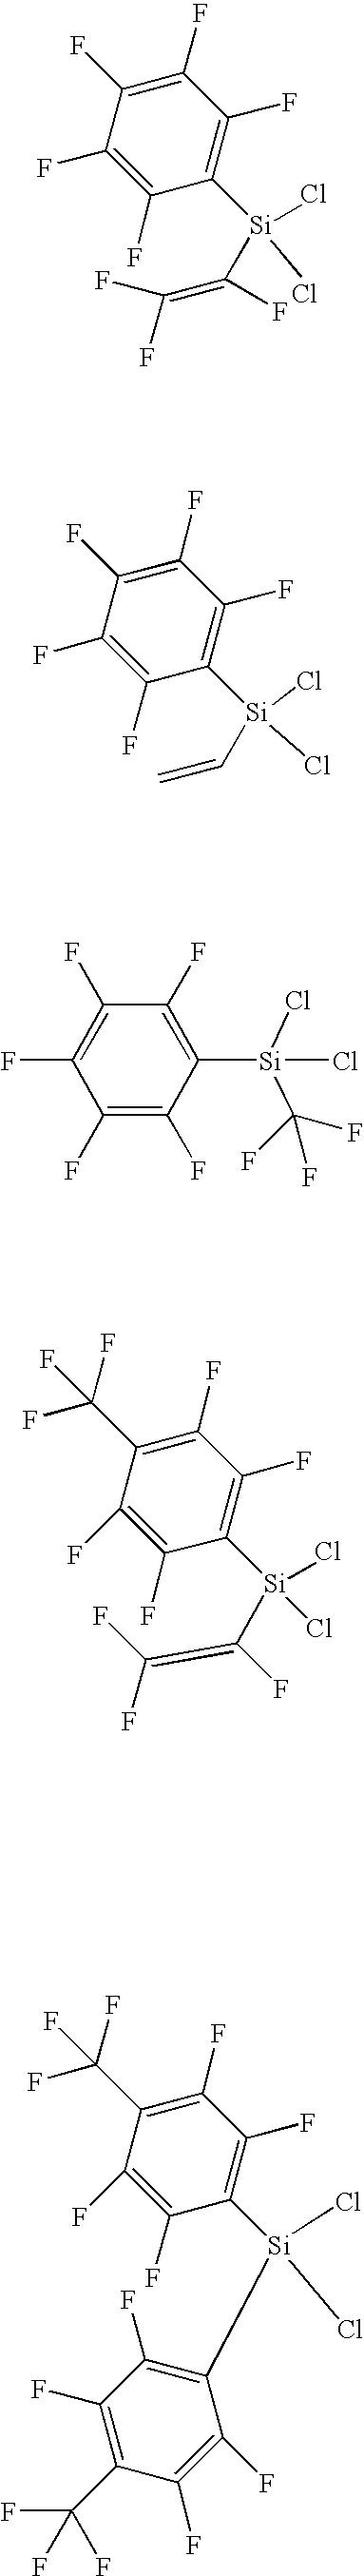 Figure US20030231851A1-20031218-C00015